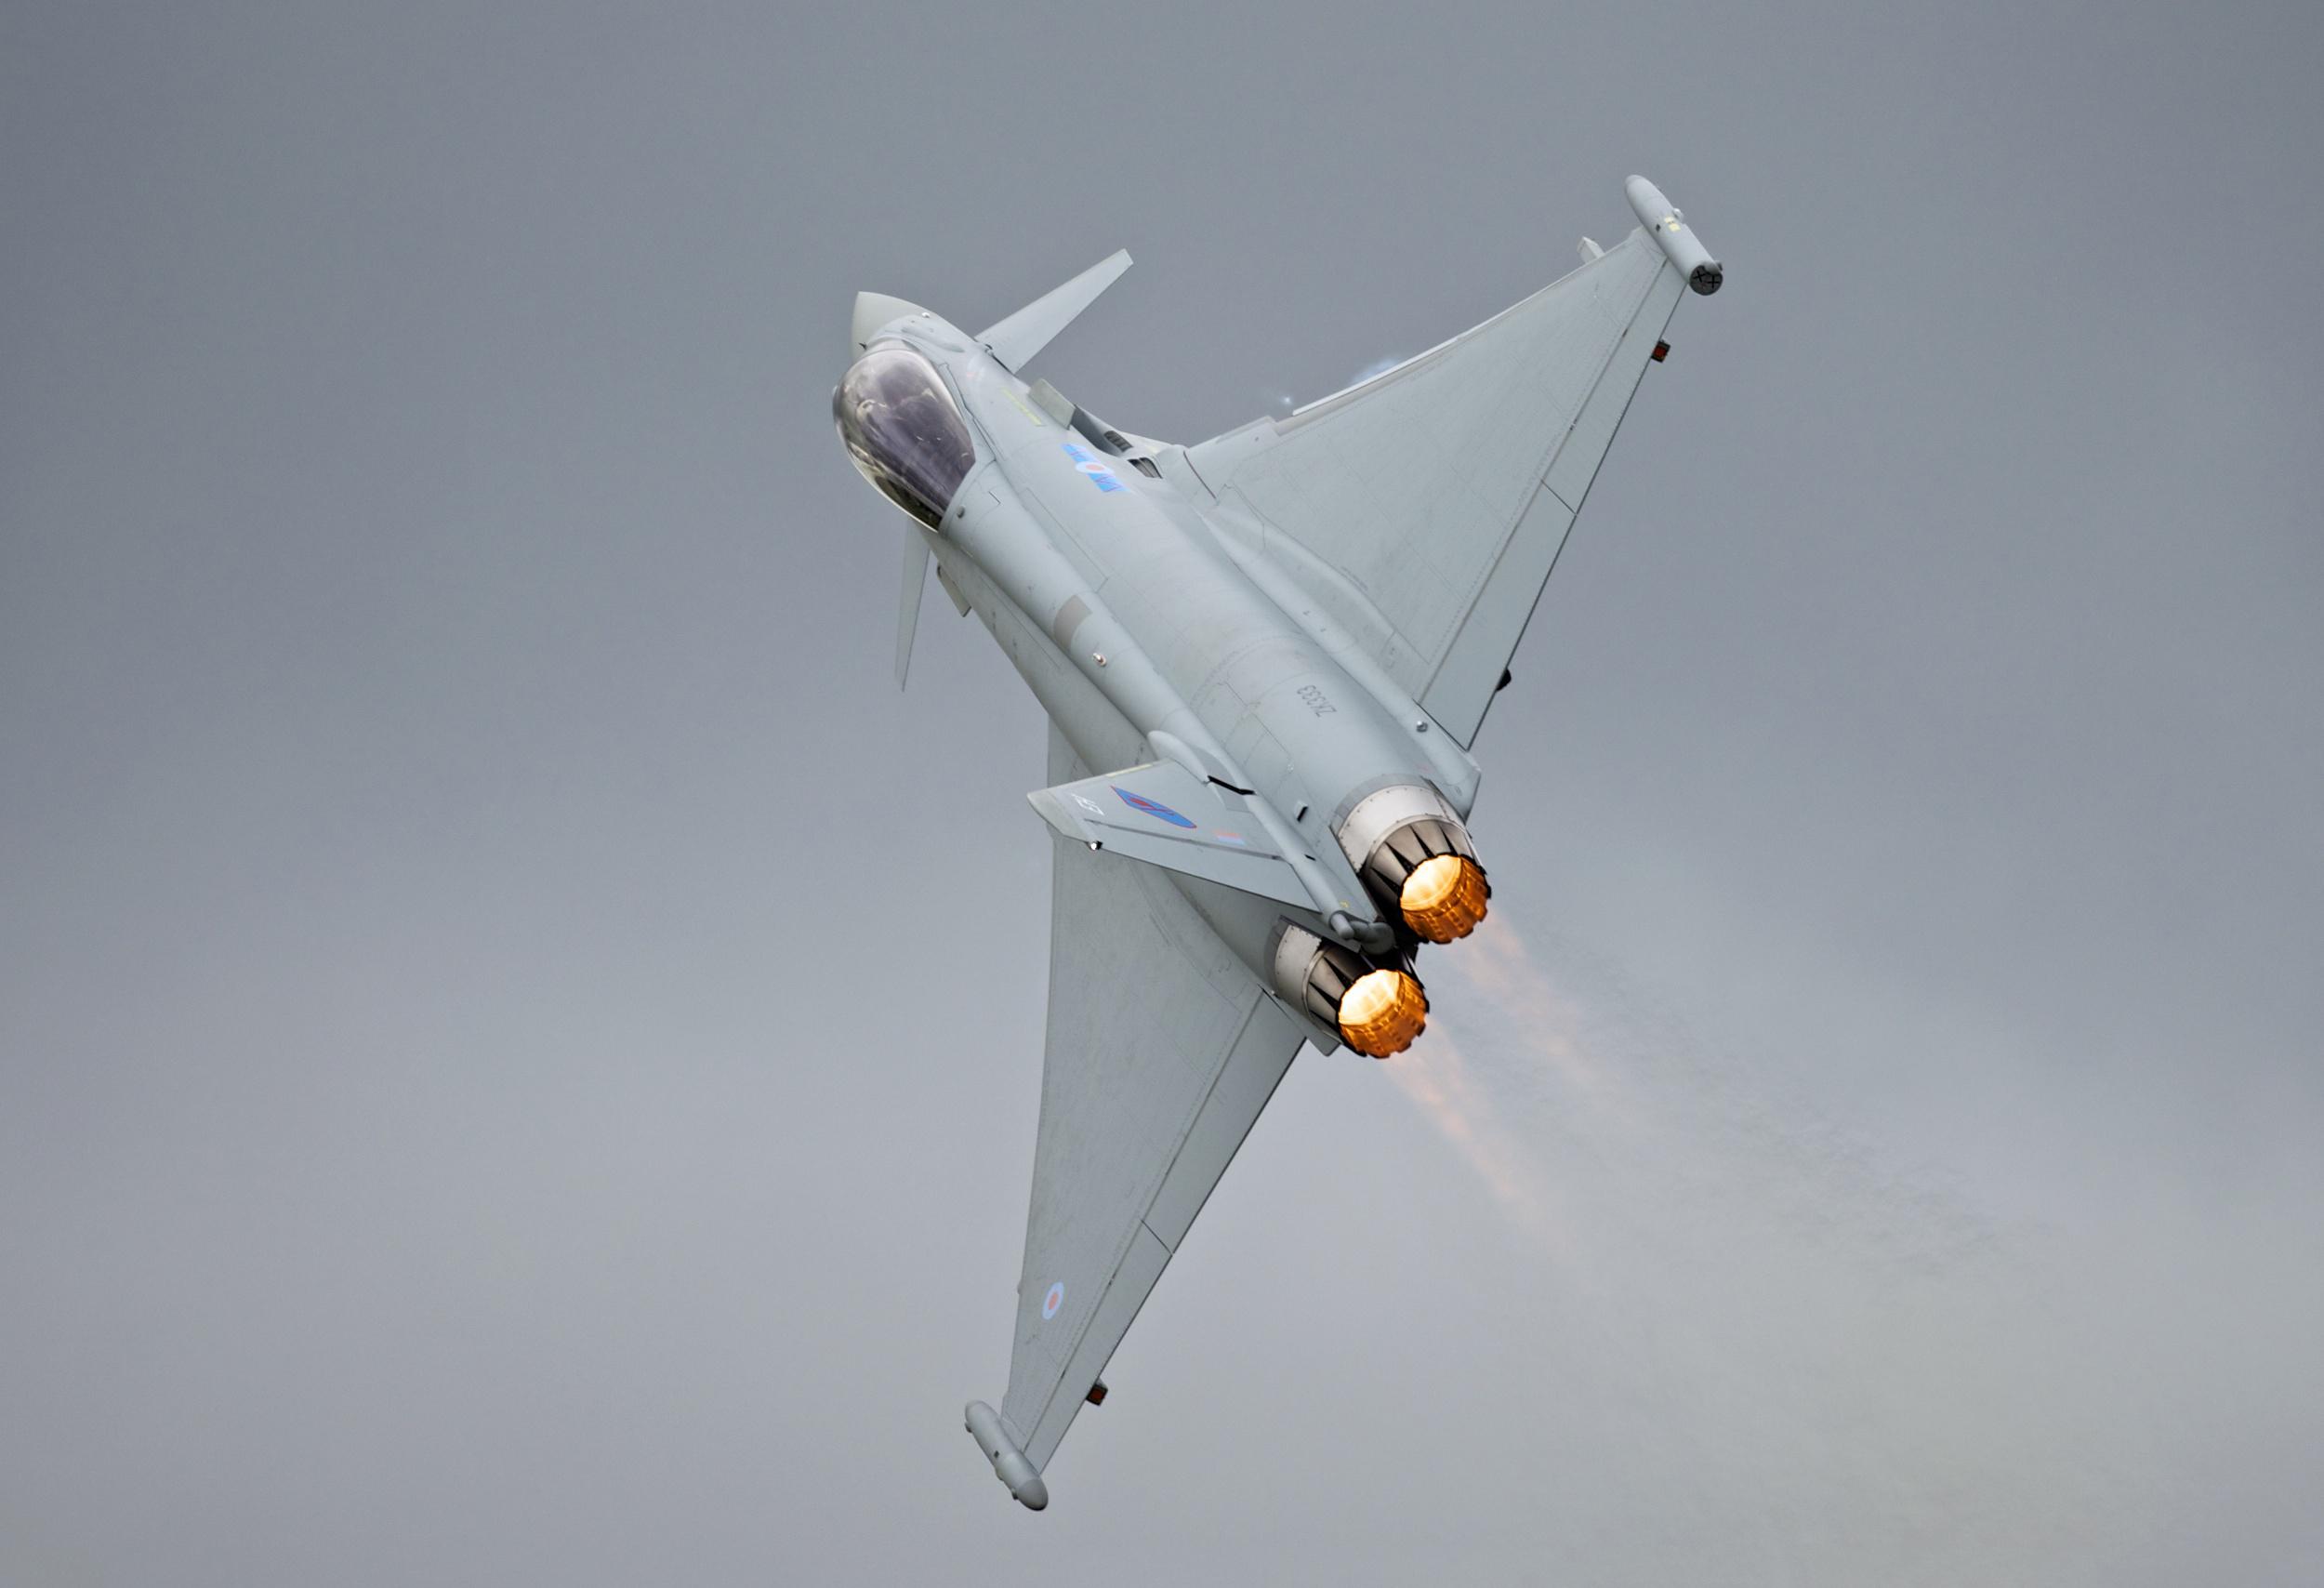 Esemplare di Eurofighter